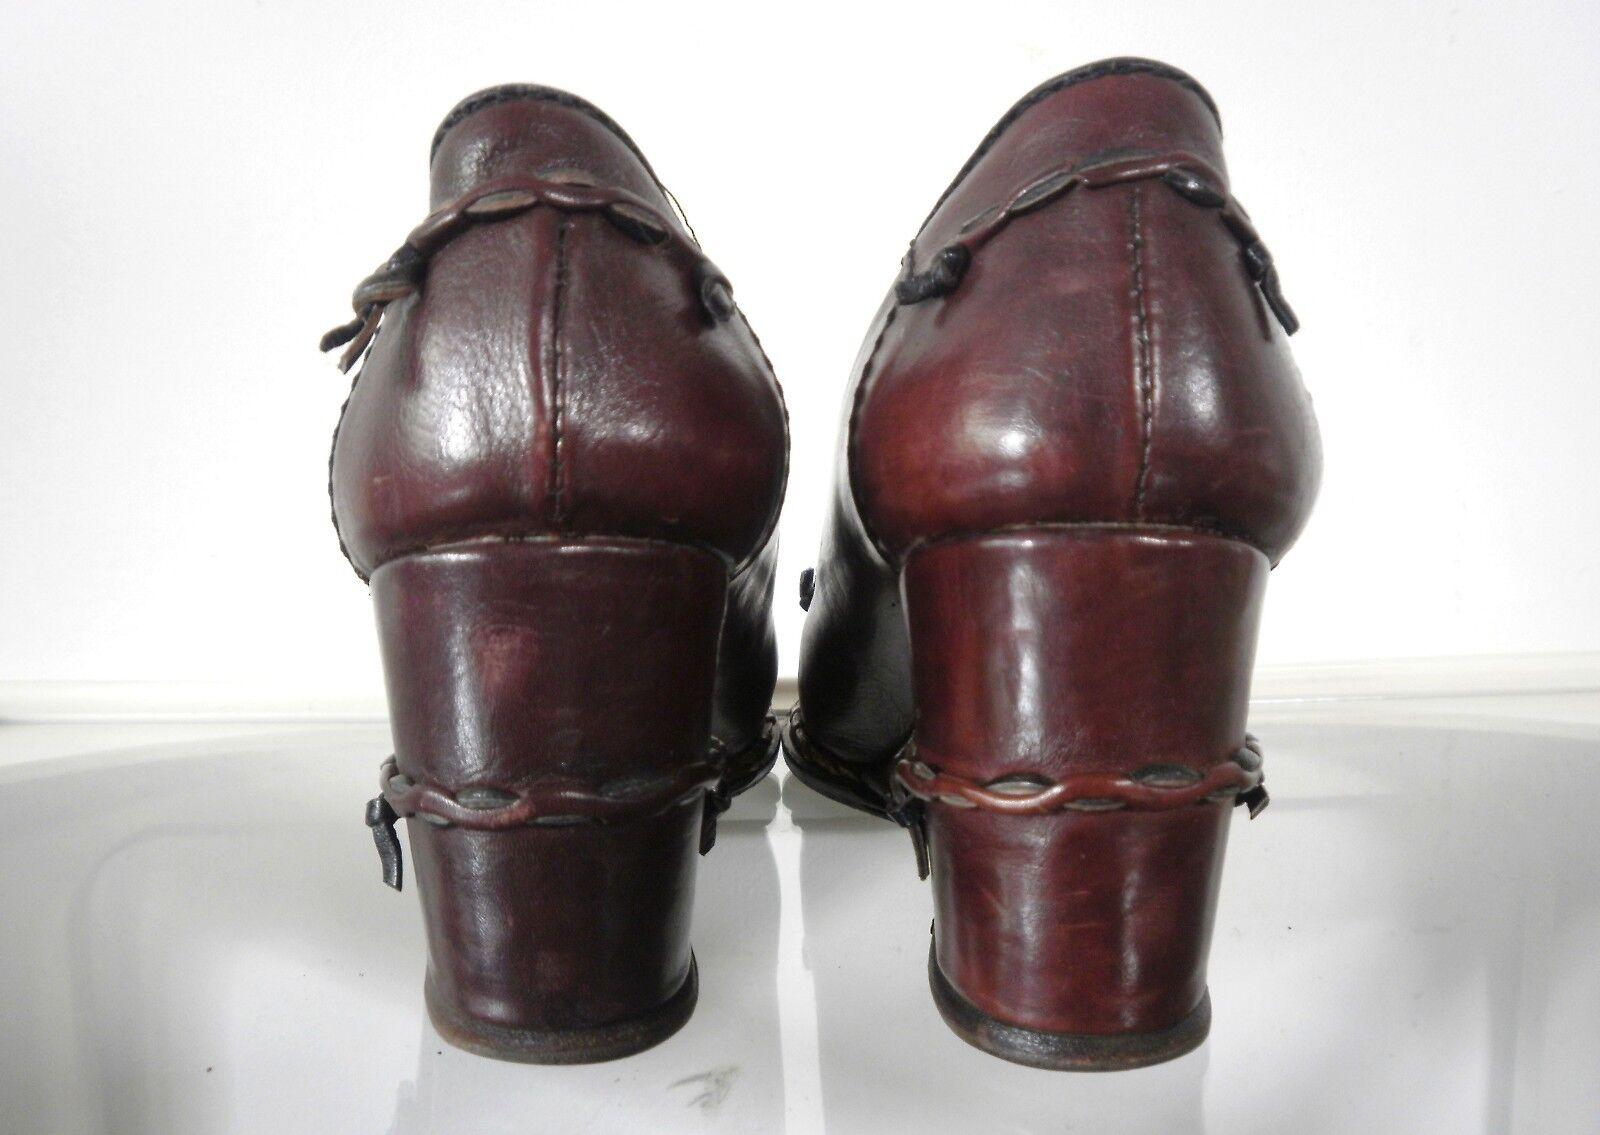 Damen Pumps creazioni VERENA Wedges Keilpumps Keilpumps Keilpumps True Vintage sandale made in italy 1cd27a